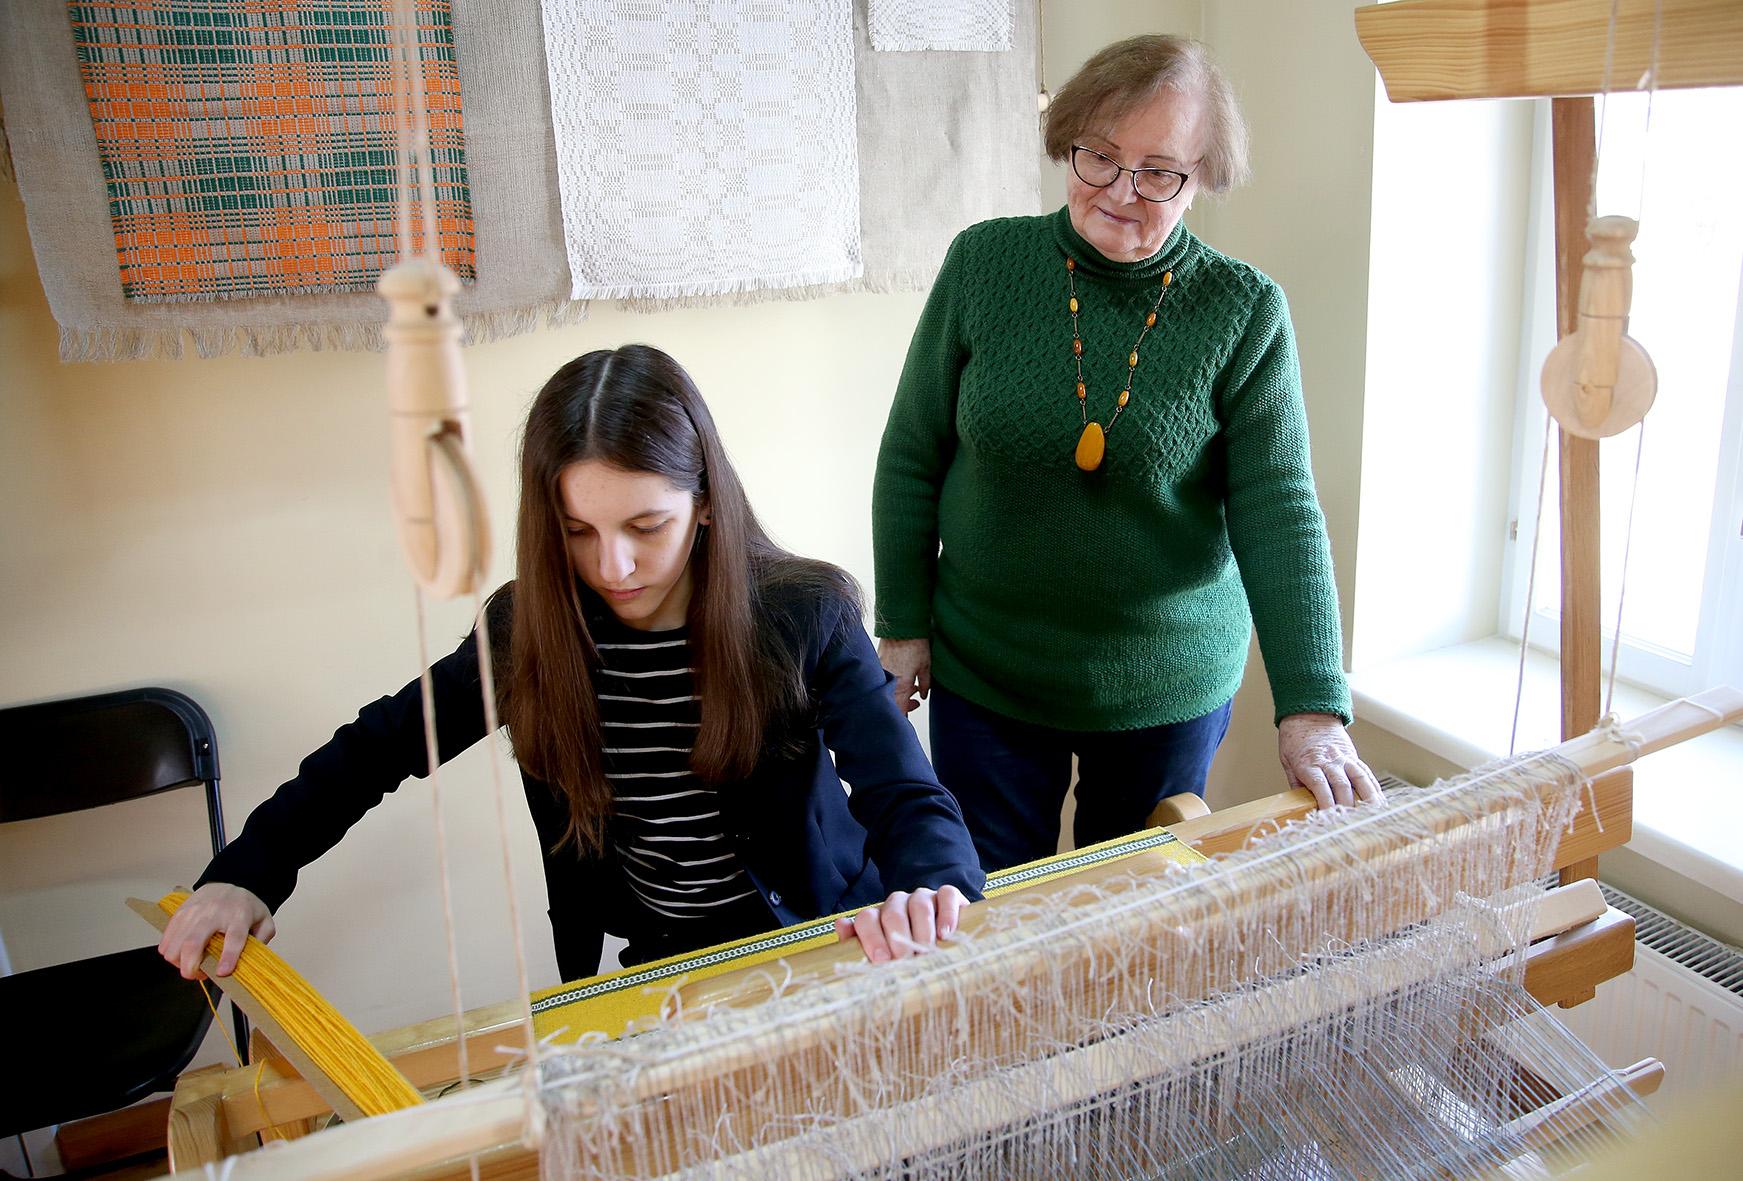 Milda Petraitienė audimo amato išmoko iš savo mamos, o dabar, puoselėdama savo turimą patirtį ir taip stengdamasi išsaugoti senąsias mūsų lietuvių tradicijas, įkvepia ir kitus, dažniausiai jaunosios kartos atstovus. A. Barzdžiaus nuotr.